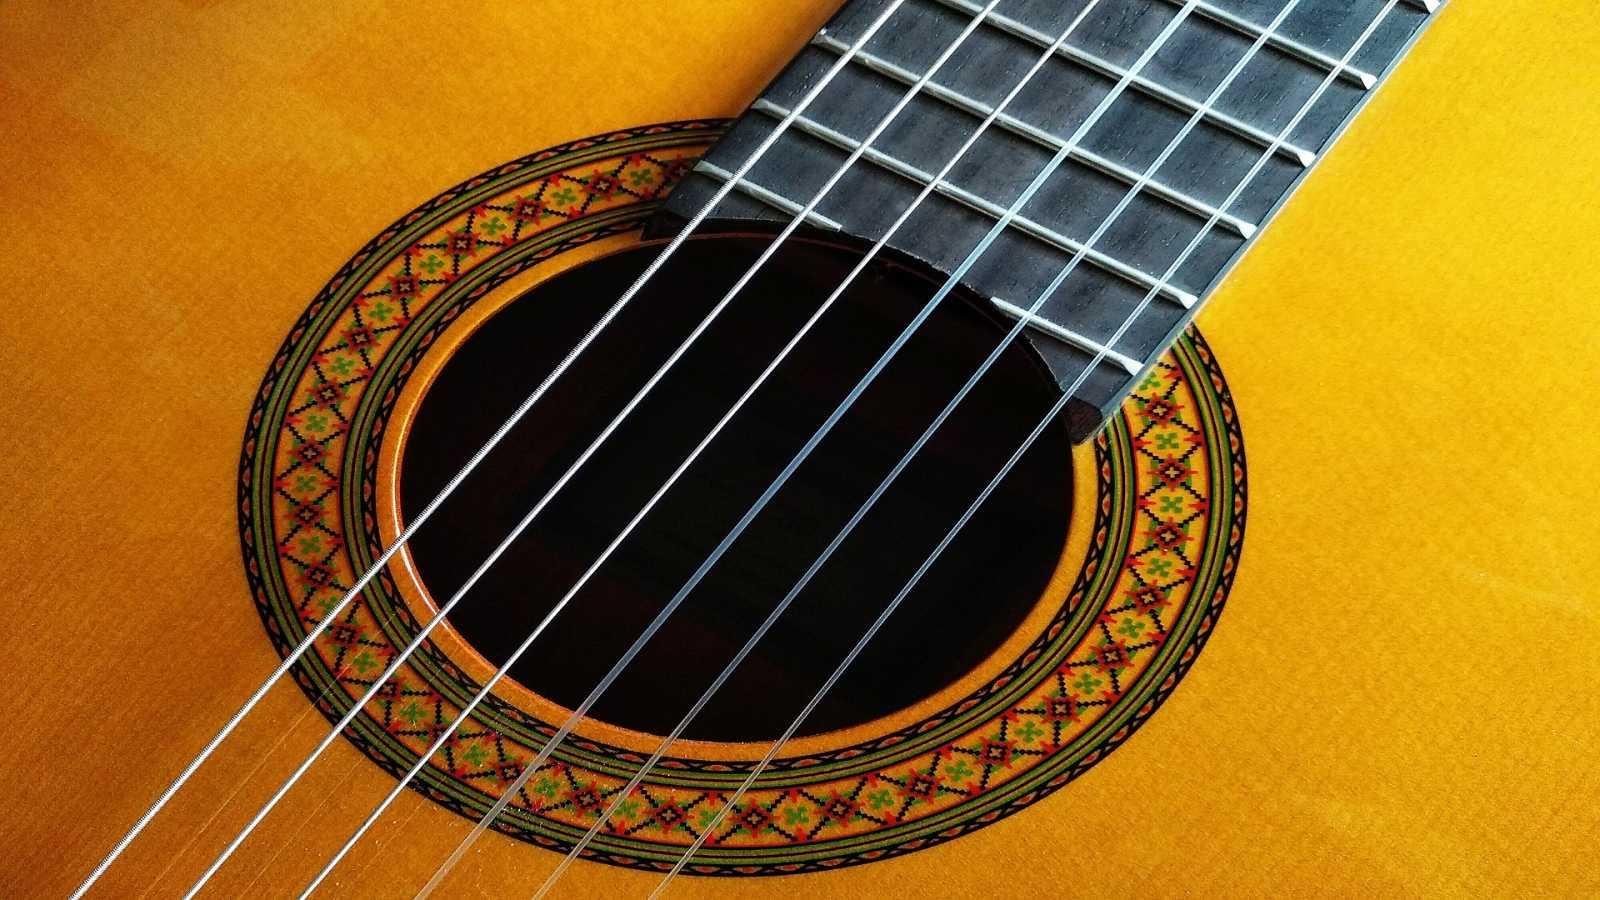 En clave de 5 - Conciertos de guitarra - primera parte - 17/04/21 - Escuchar ahora